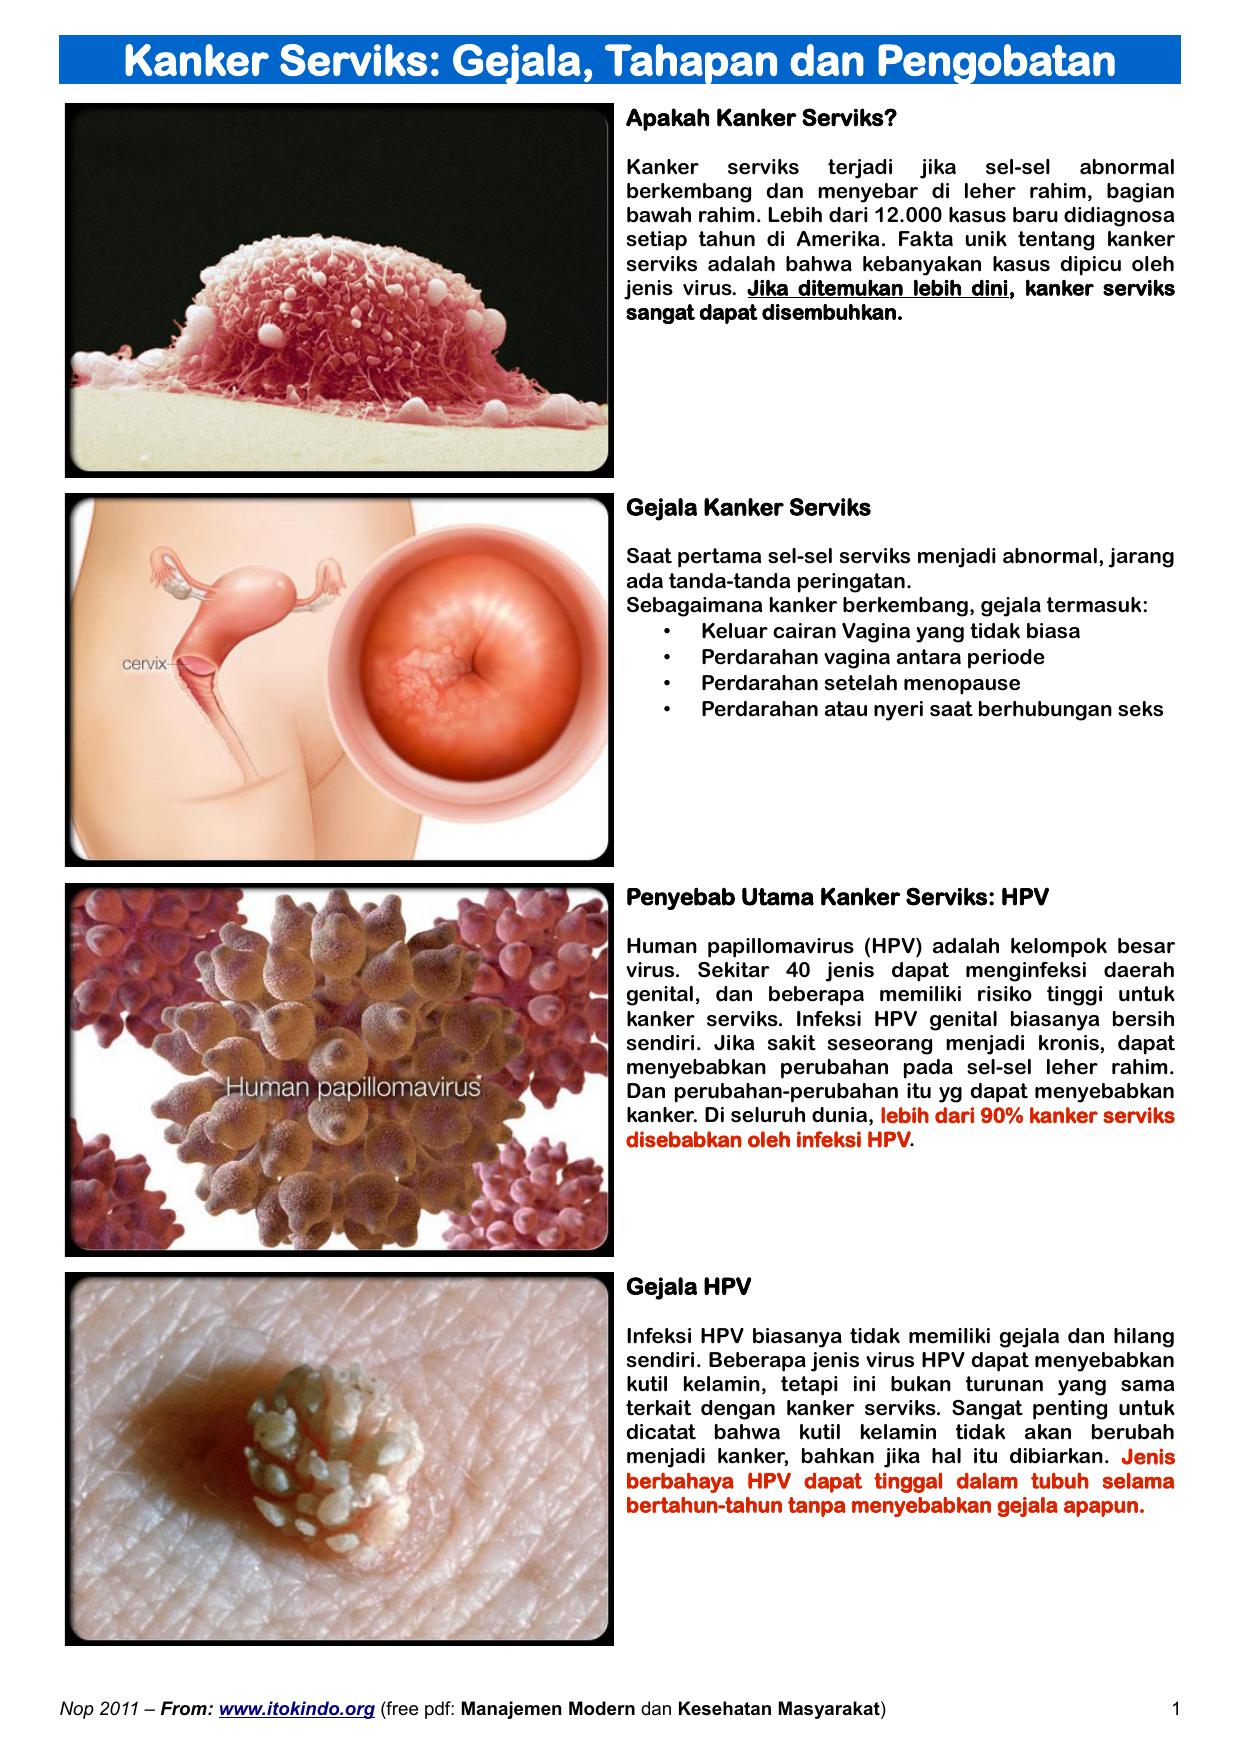 papilloma virus angol fordítás)